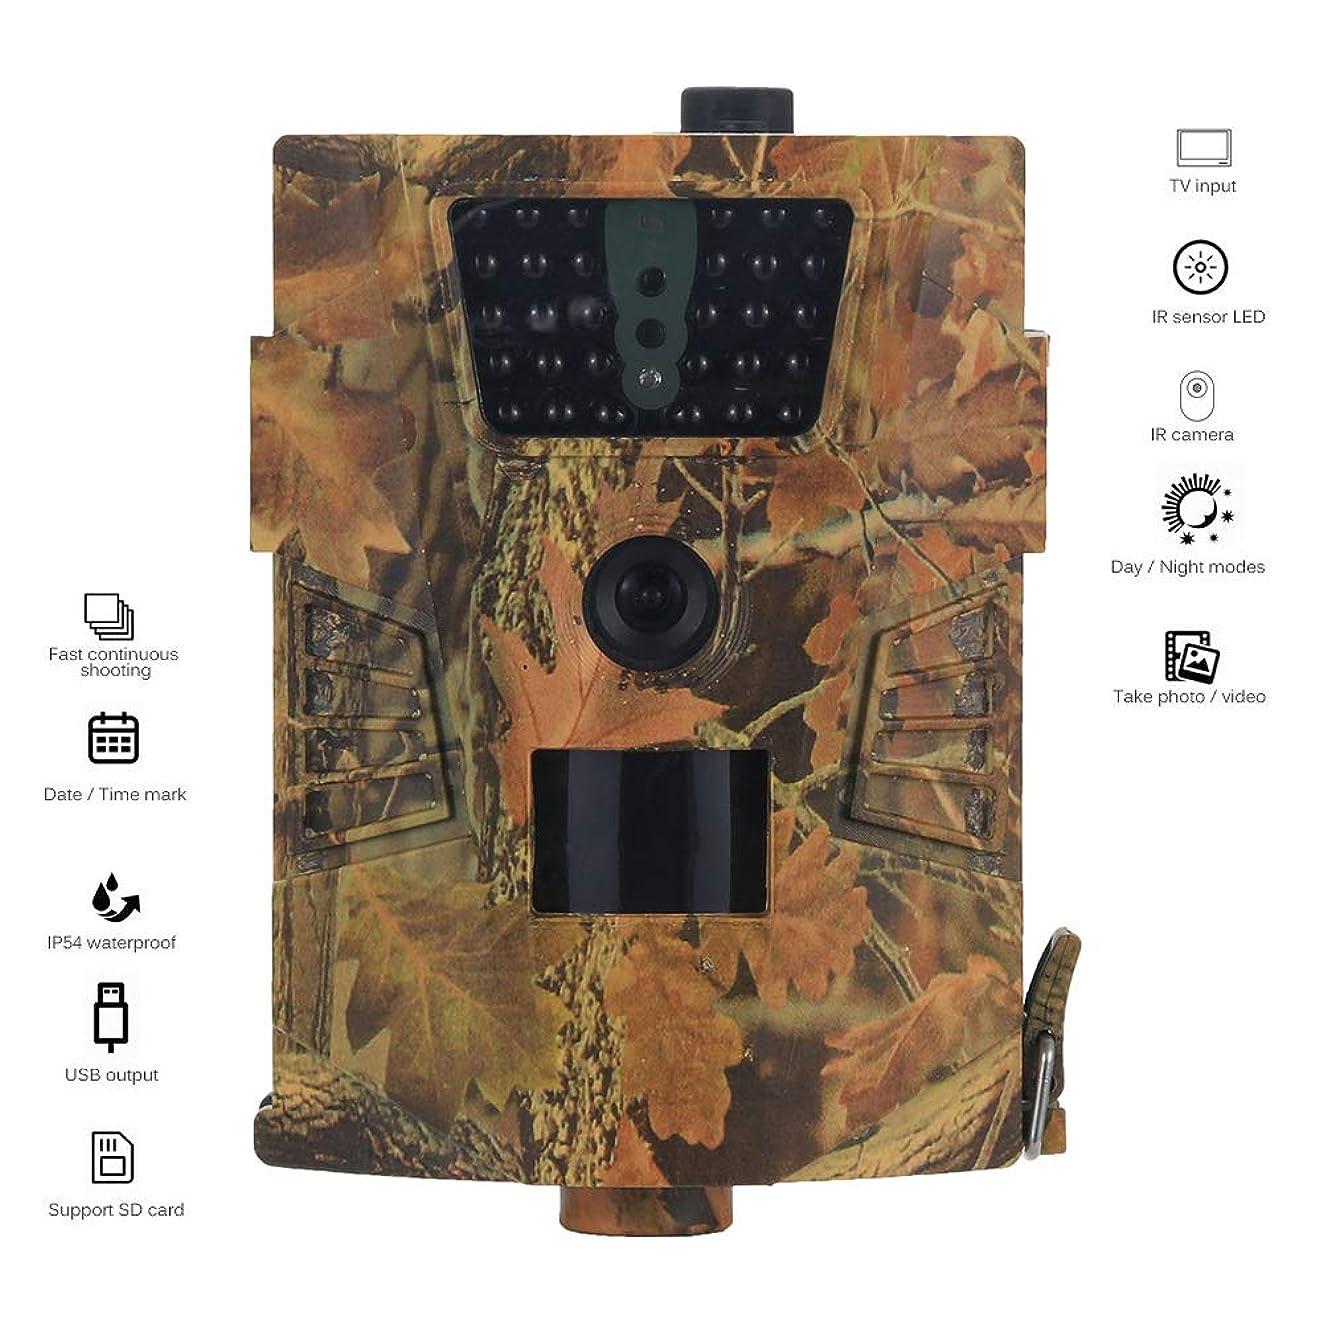 依存する東方丈夫野生生物の道のカメラ、防水1080P HDの監視カメラ、赤外線熱夜間視界のカメラIP54